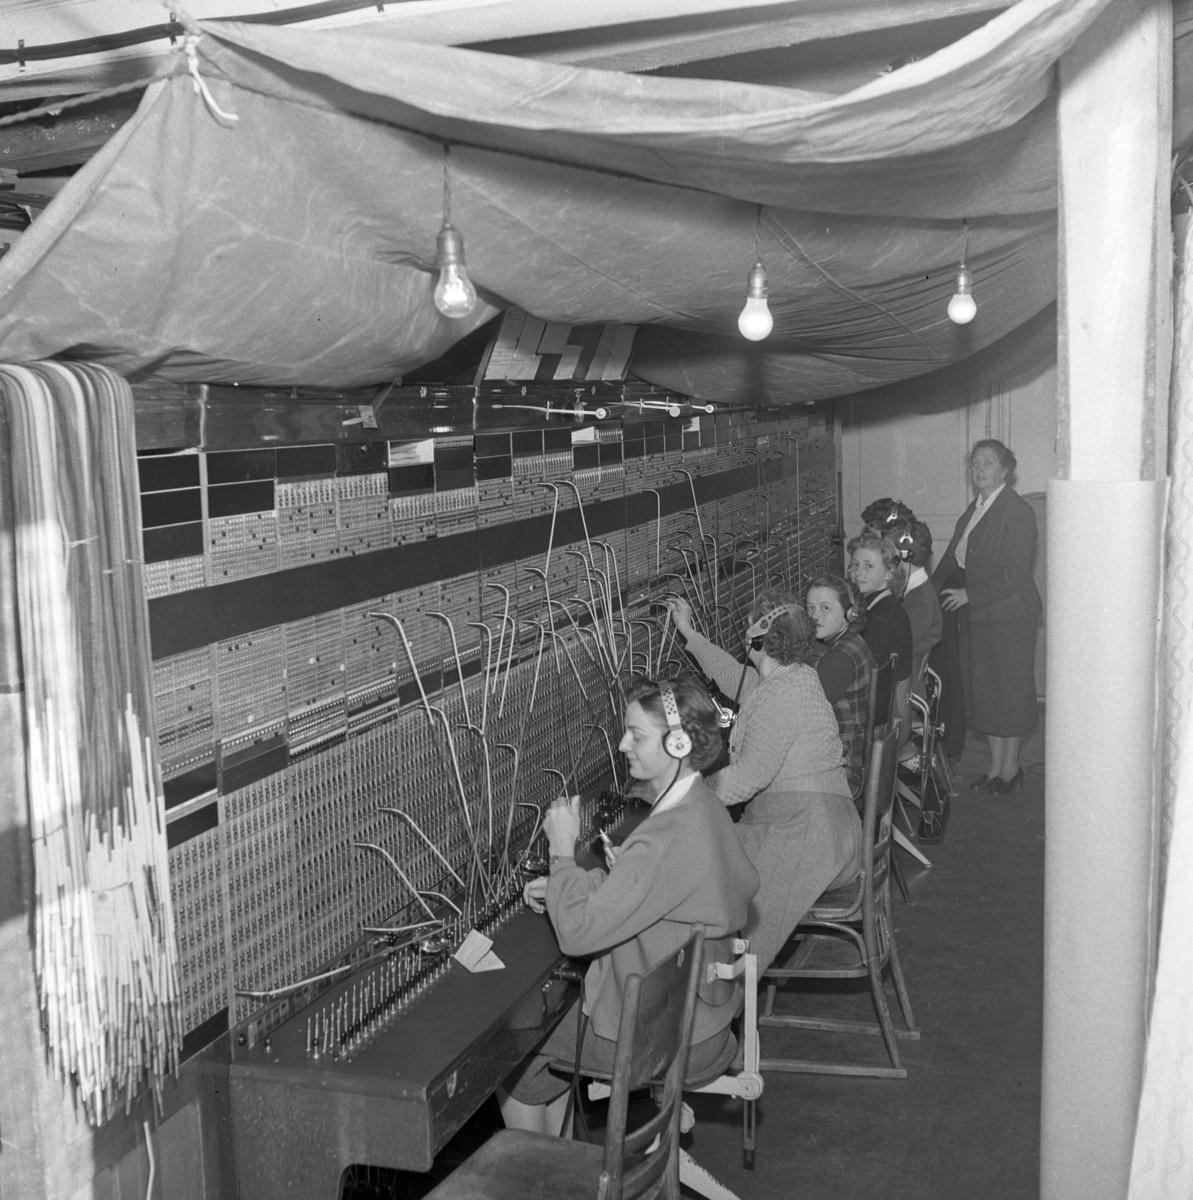 Kvinnorna arbetar vidare i telefonväxeln trots branden på Televerket på Nygatan. En presenning är uppspänd över växelbordet och personalen. Nakna glödlampor hänger från taket. Läs om Telefonen i Arboga och branden på Televerket 1956 i Arboga Minnes årsbok 1993.